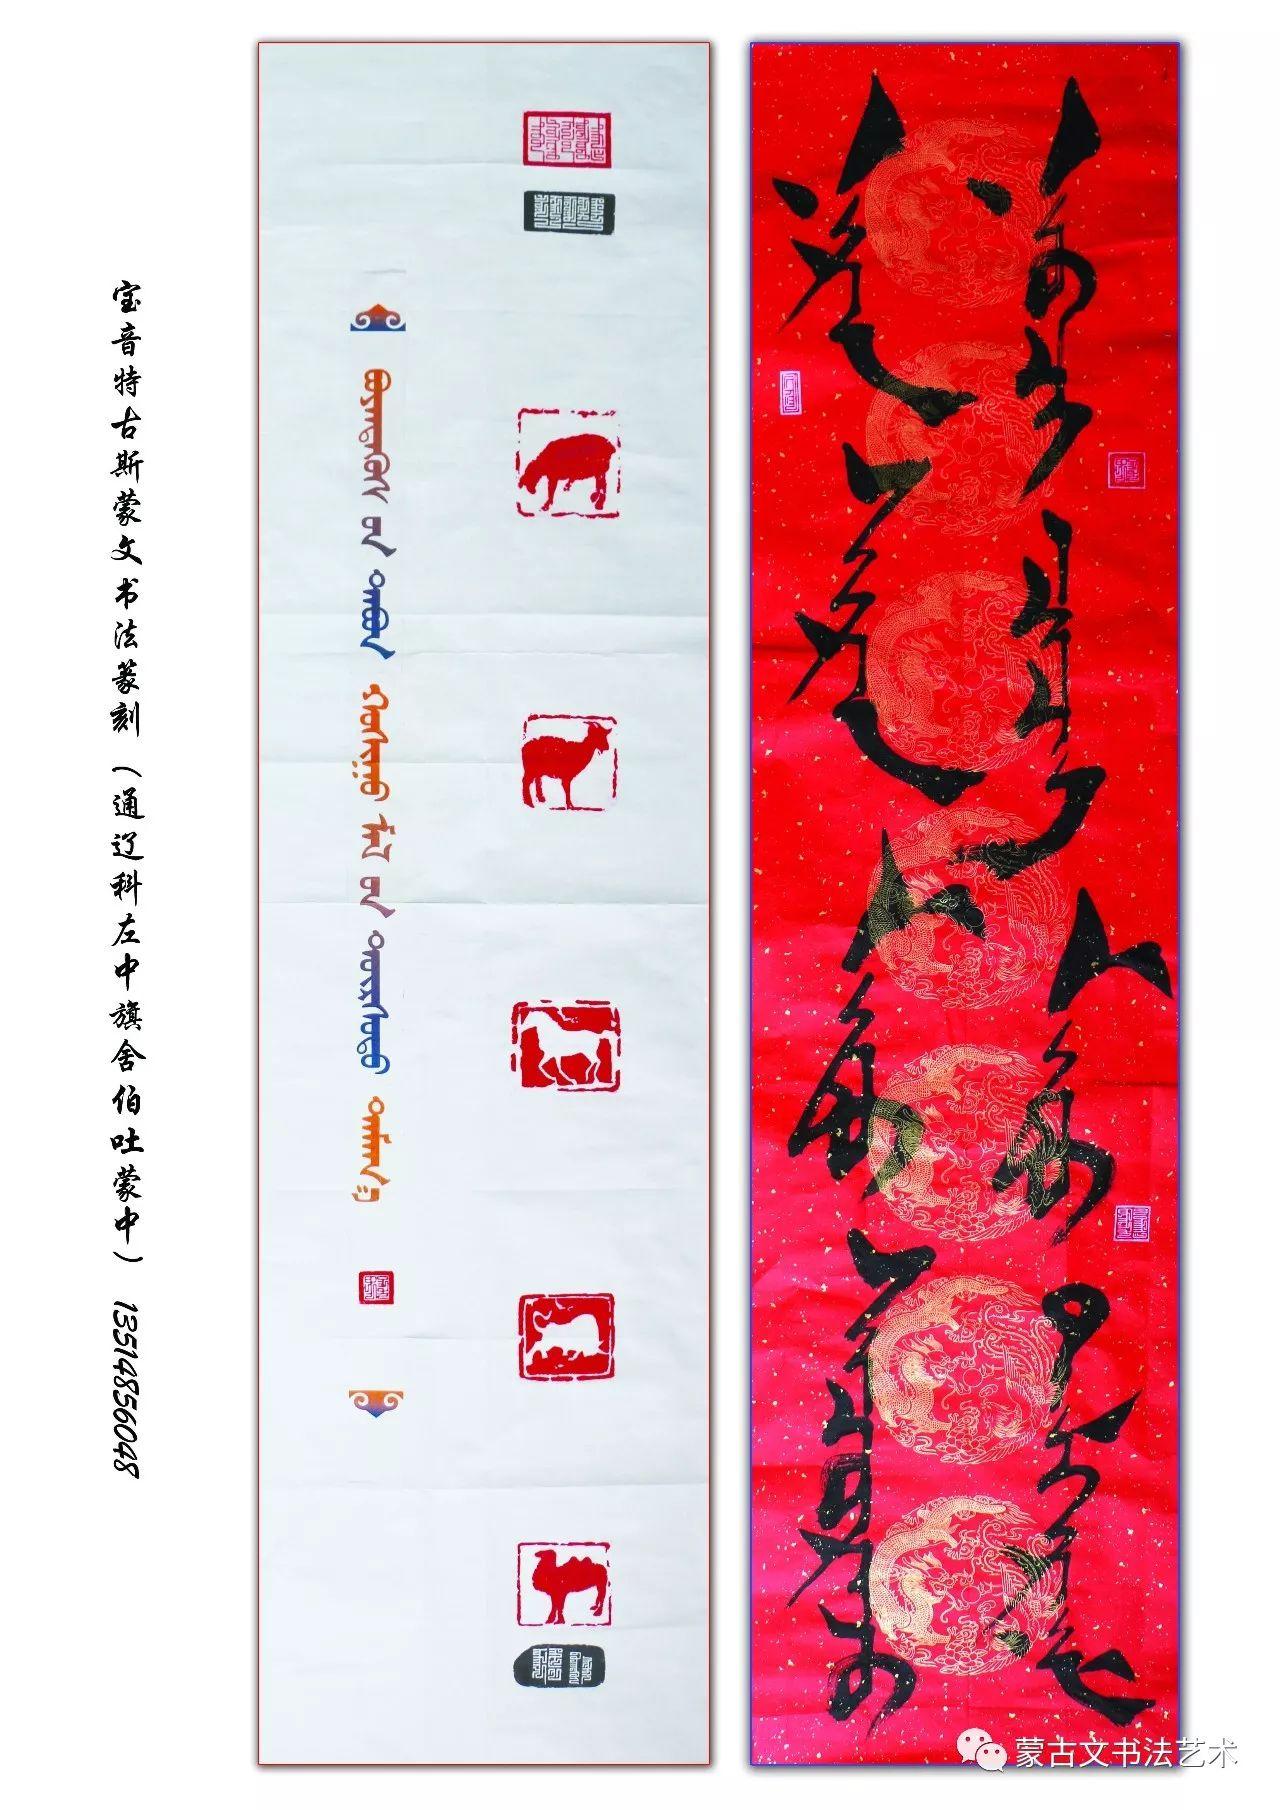 探索蒙古文书法之路-宝音特古斯 第2张 探索蒙古文书法之路-宝音特古斯 蒙古书法